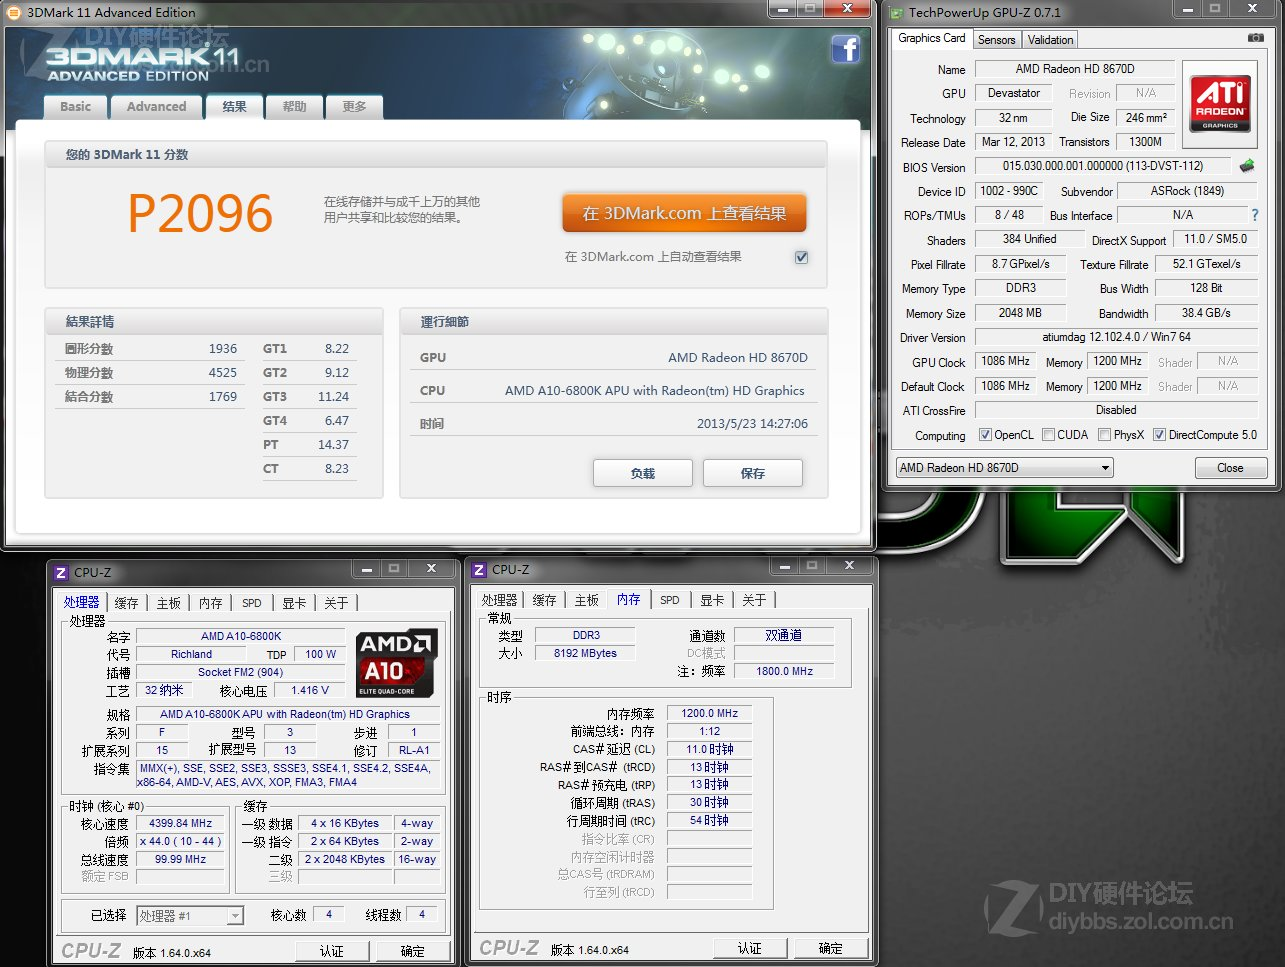 A10-6800K: 3DMark 11 Performance (OC)